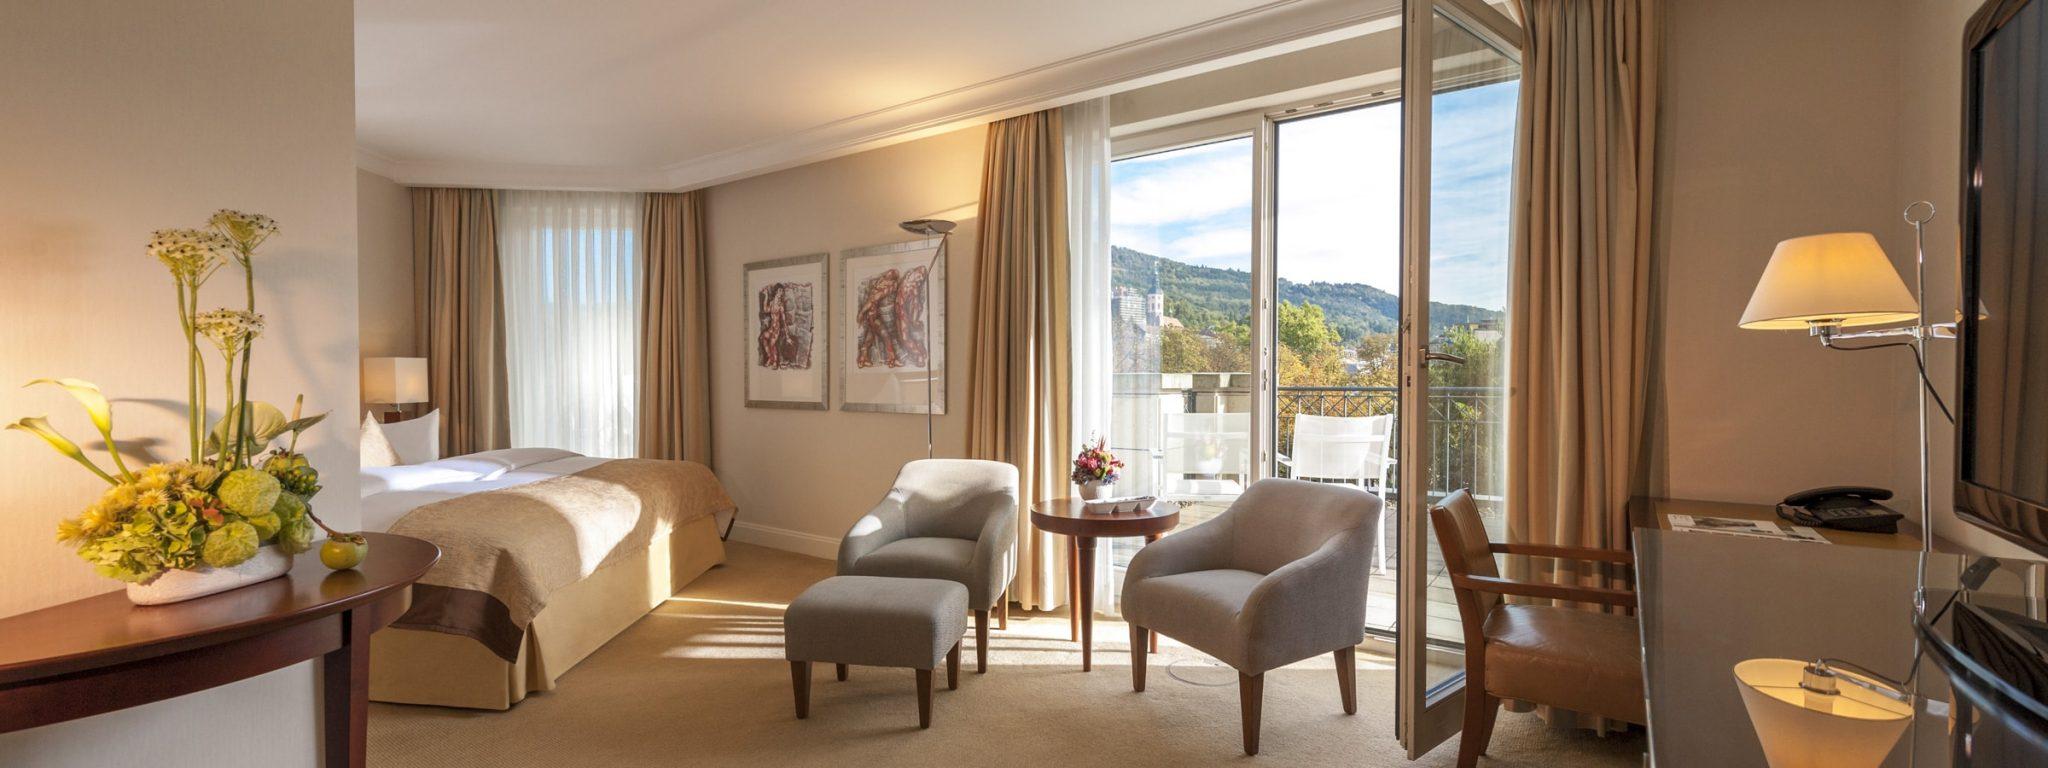 dorint hotel baden-baden arrangements